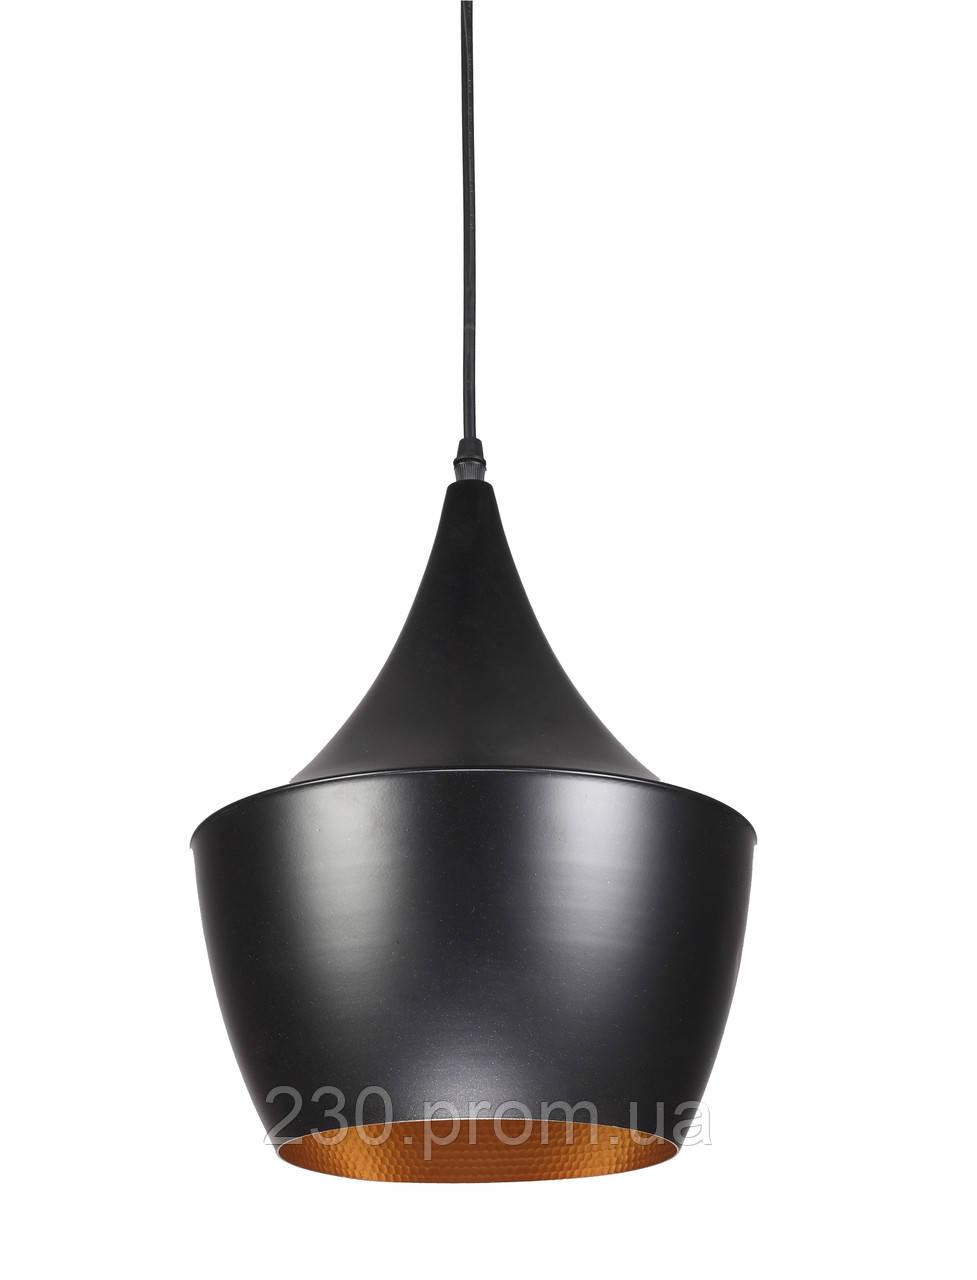 Светильник подвесной CDS A2201-4 black